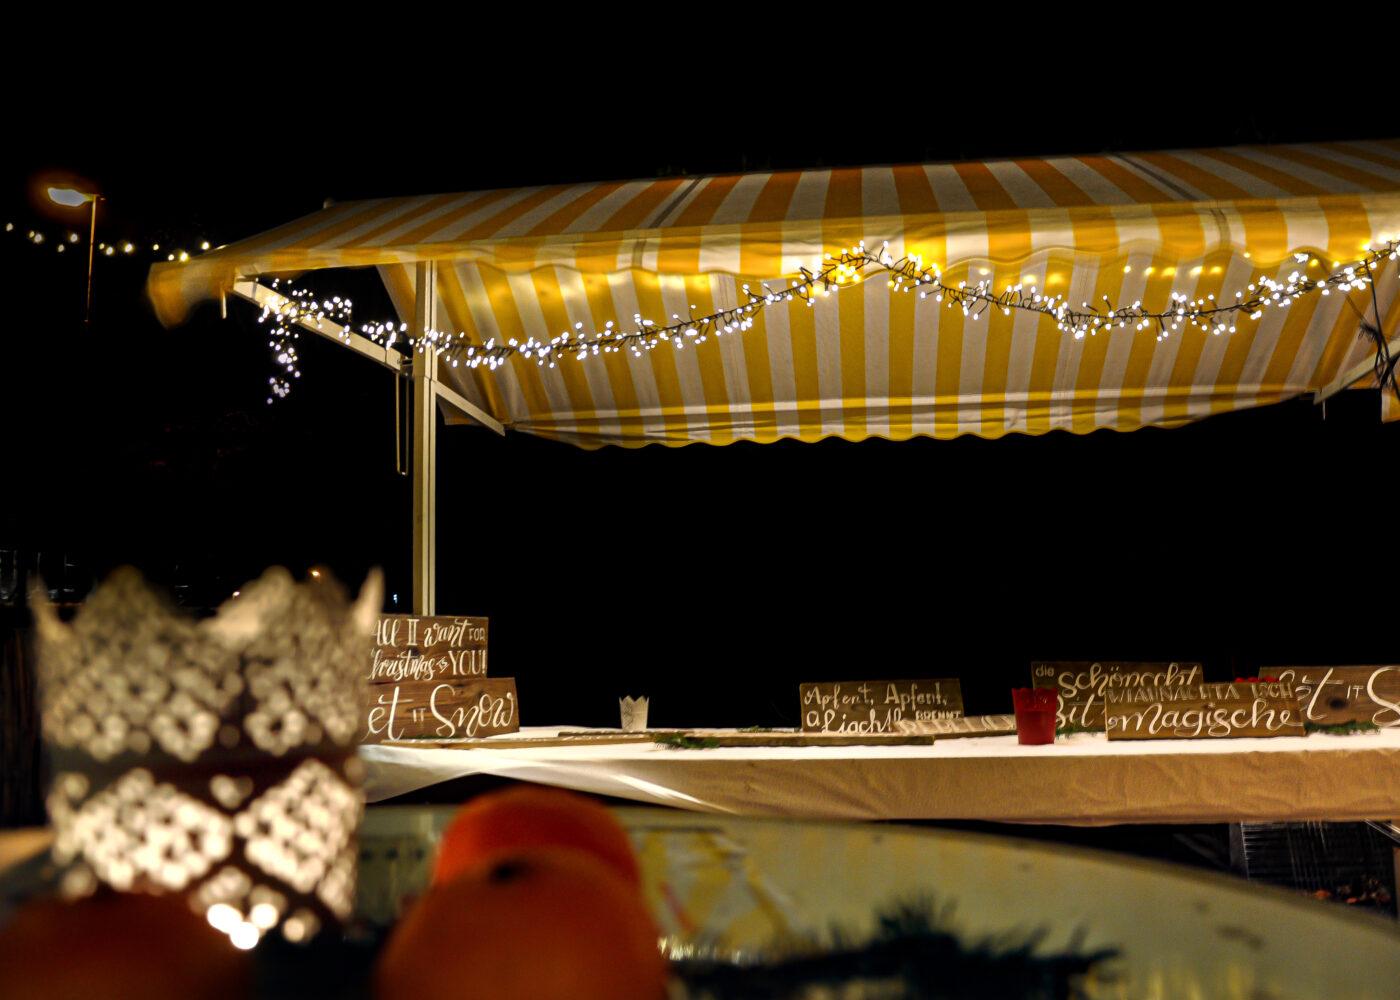 s'Loch Glüahwii und Charity - Weihnachtsmarkt